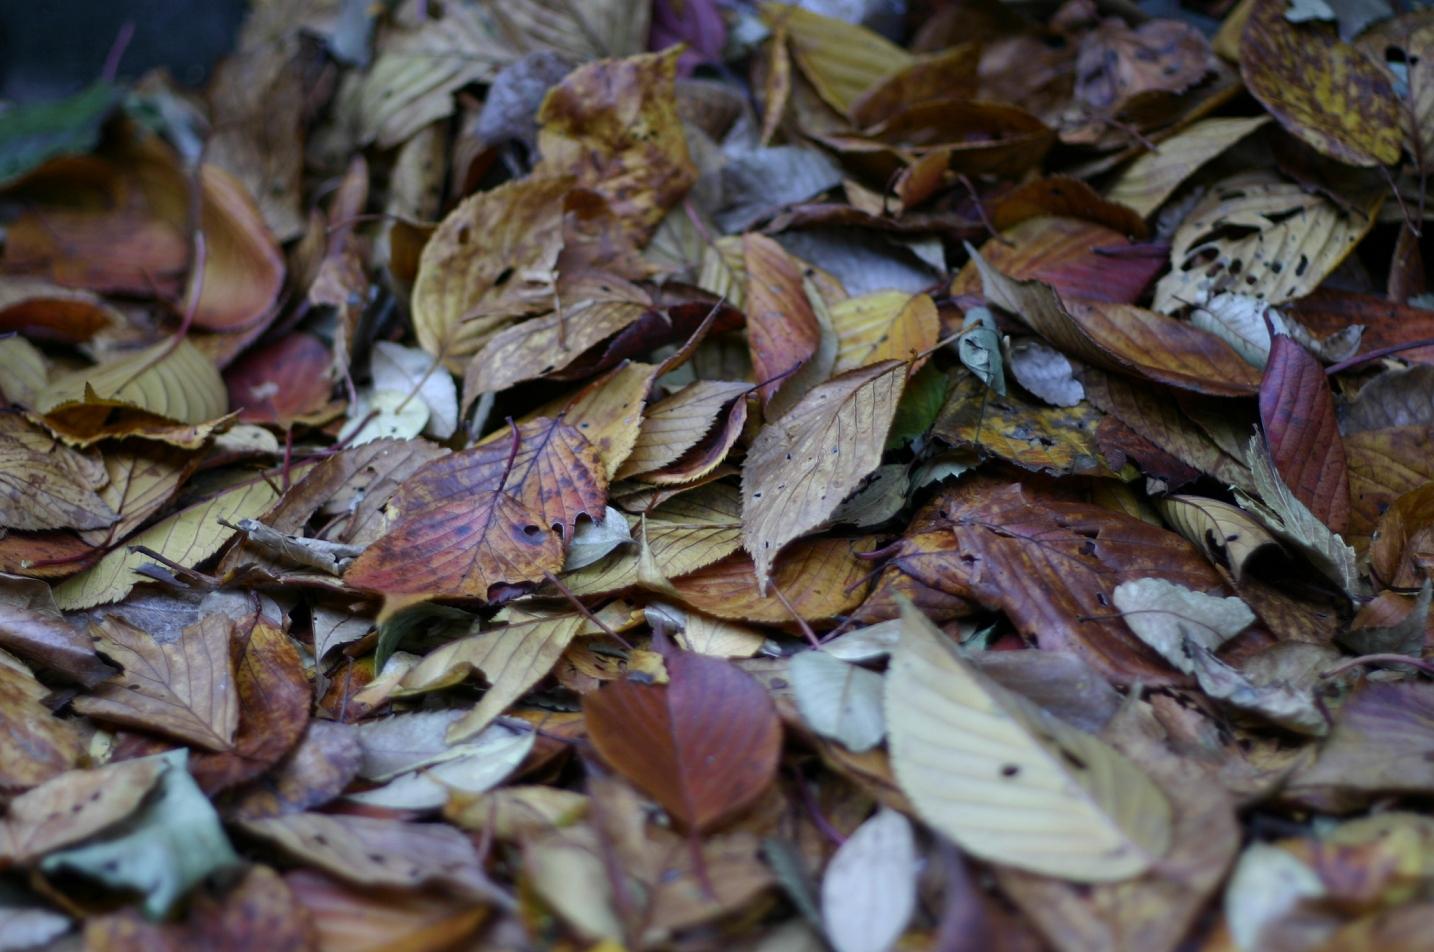 散る落ち葉